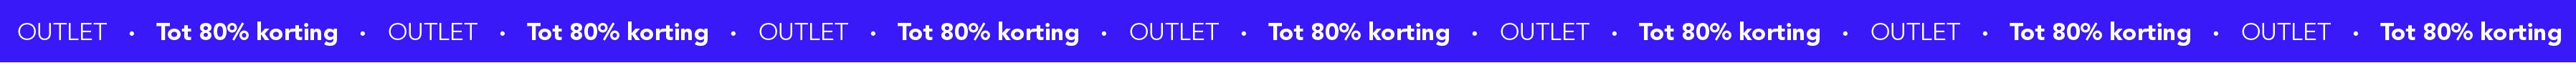 outlet_banner_desktop